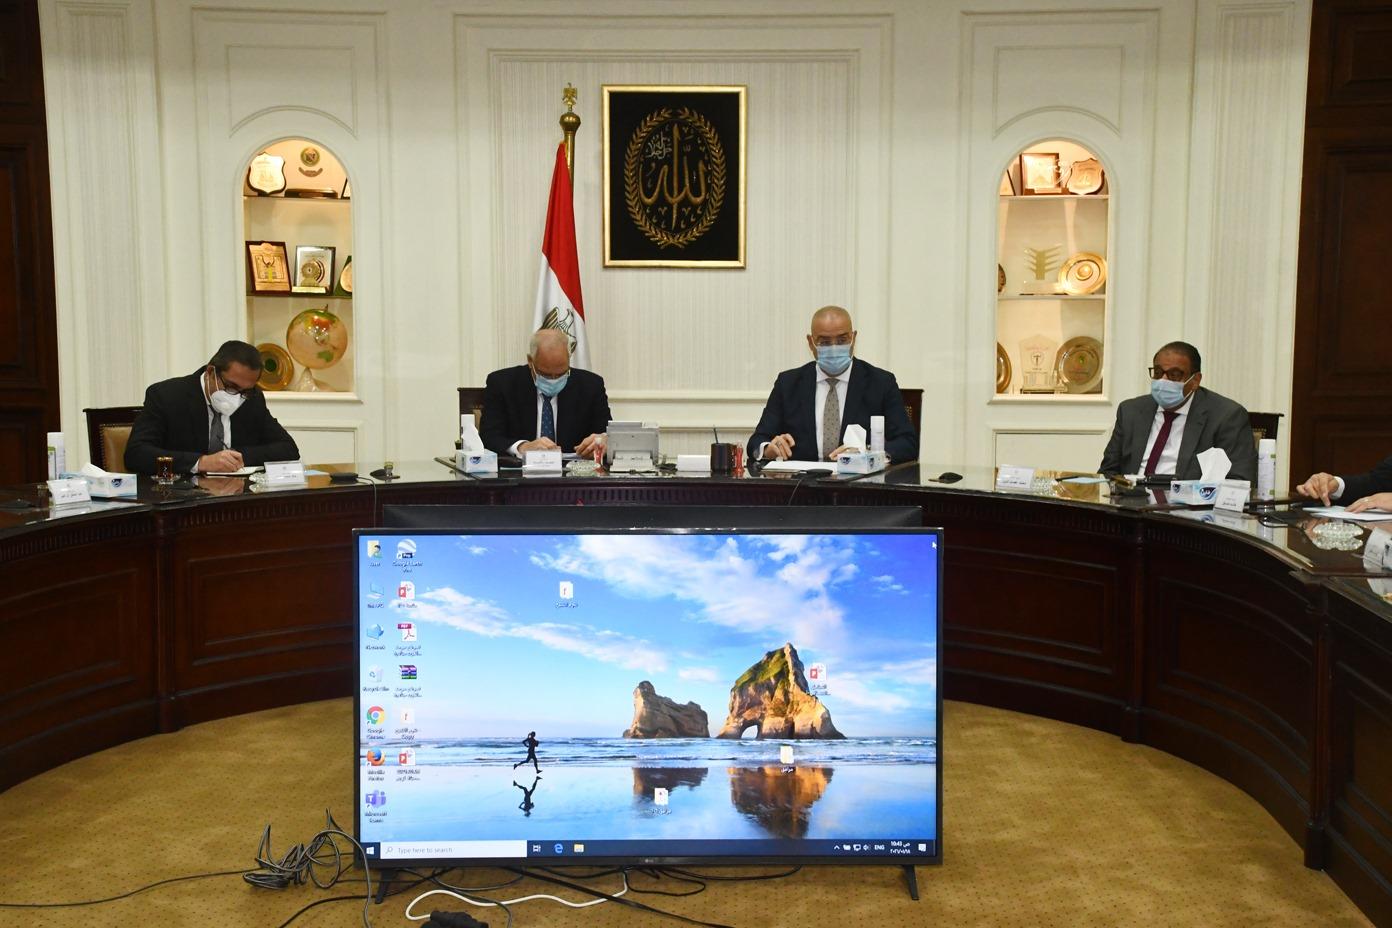 صور | وزير الإسكان ومحافظ الجيزة يتابعان الموقف التنفيذي لمشروع تطوير عشش شارع السودان